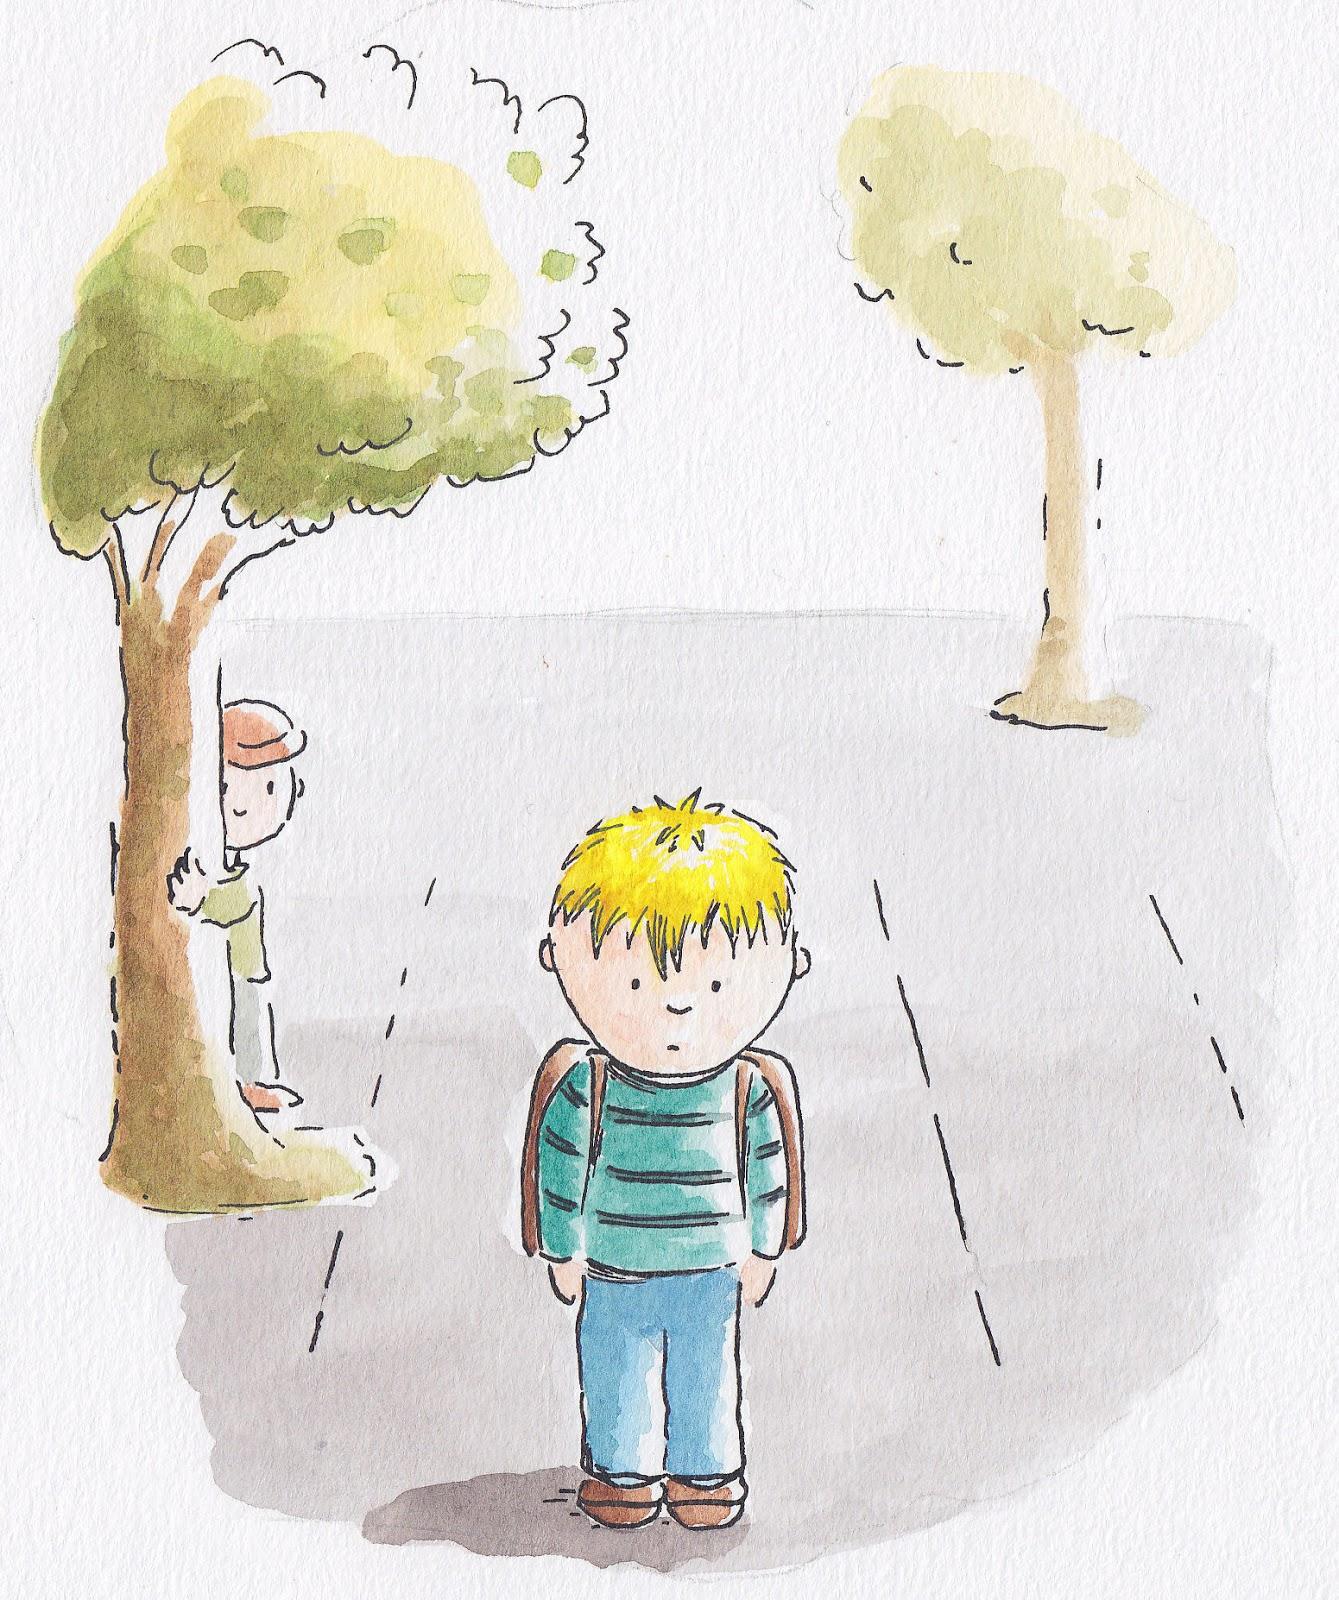 livre personnalisé expatrié jeunesse children illustration